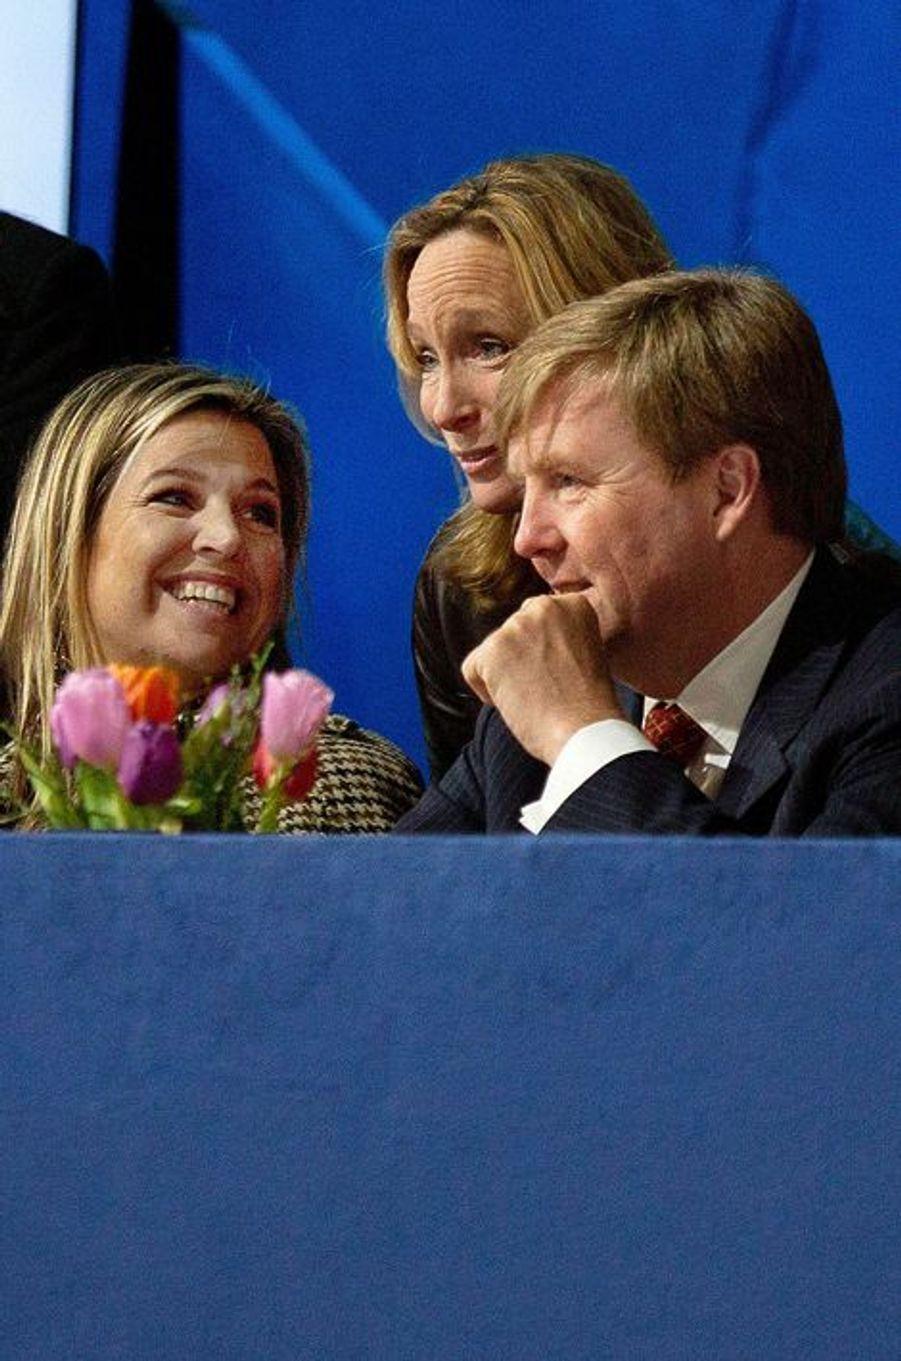 Le roi Willem-Alexander, la reine Maxima et Margarita de Bourbon Parme au Jumping Amsterdam, le 1er février 2015